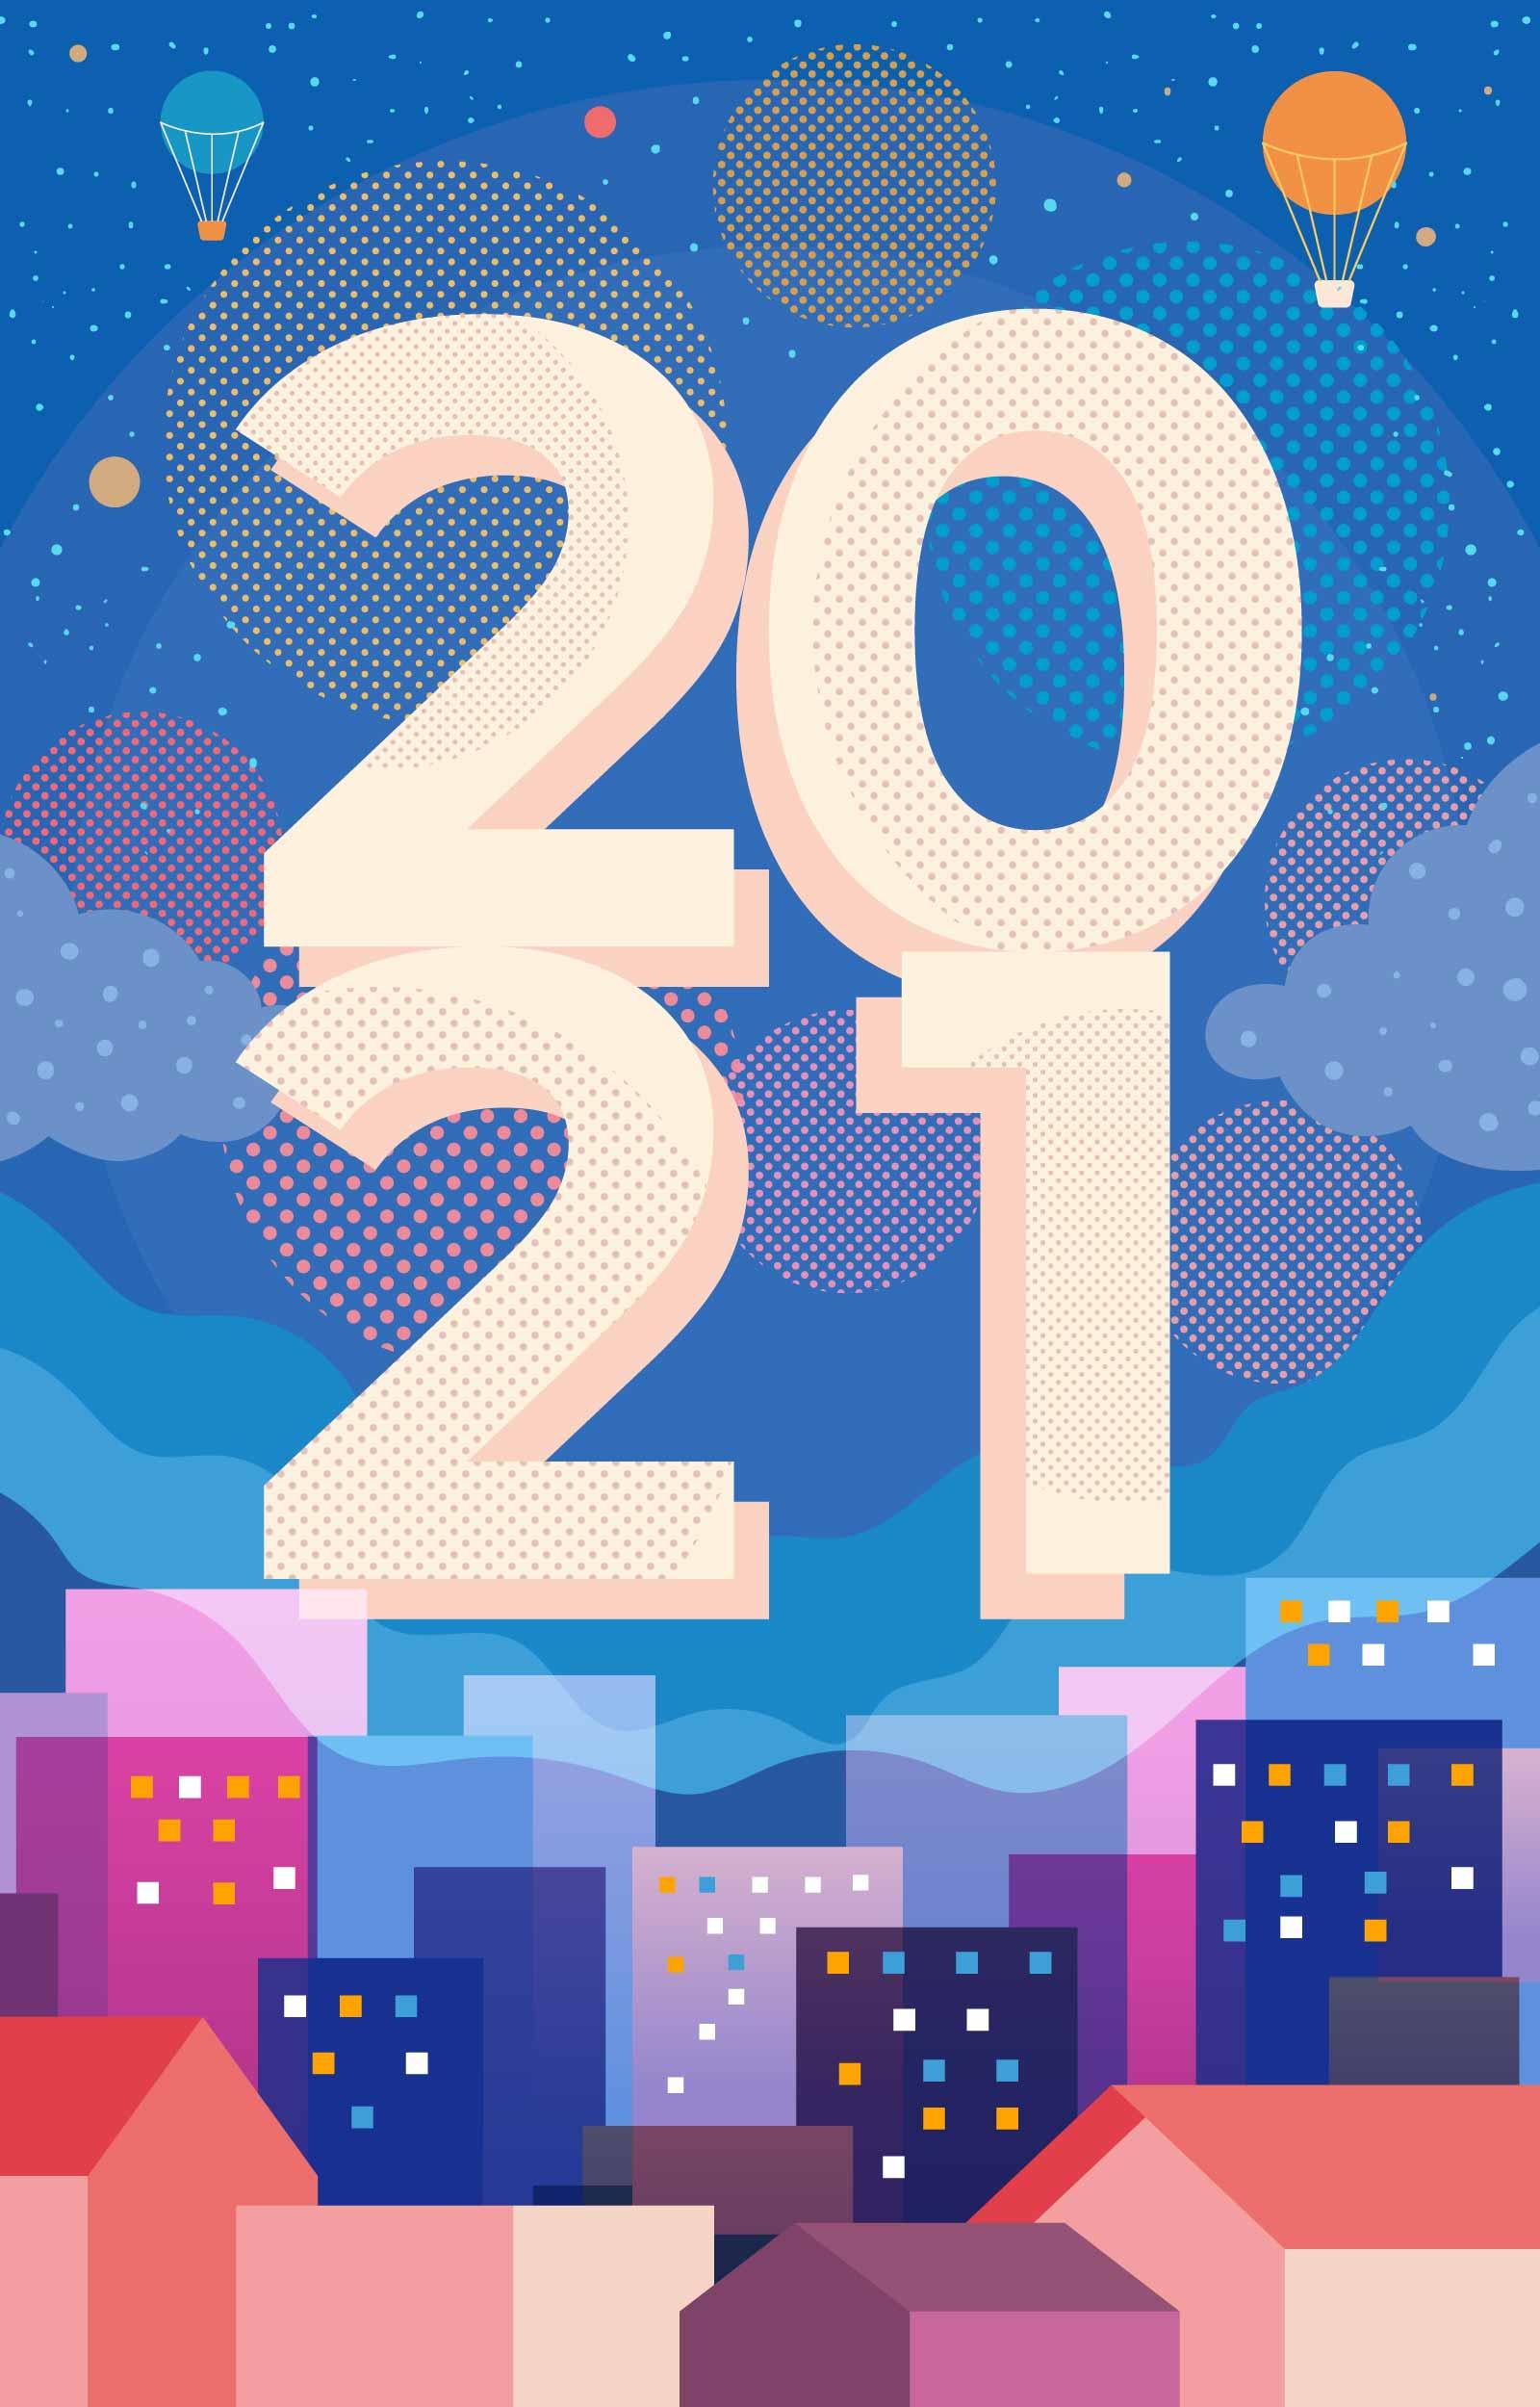 2021年Happy New Year貼圖 免費下載 | 天天瘋後製